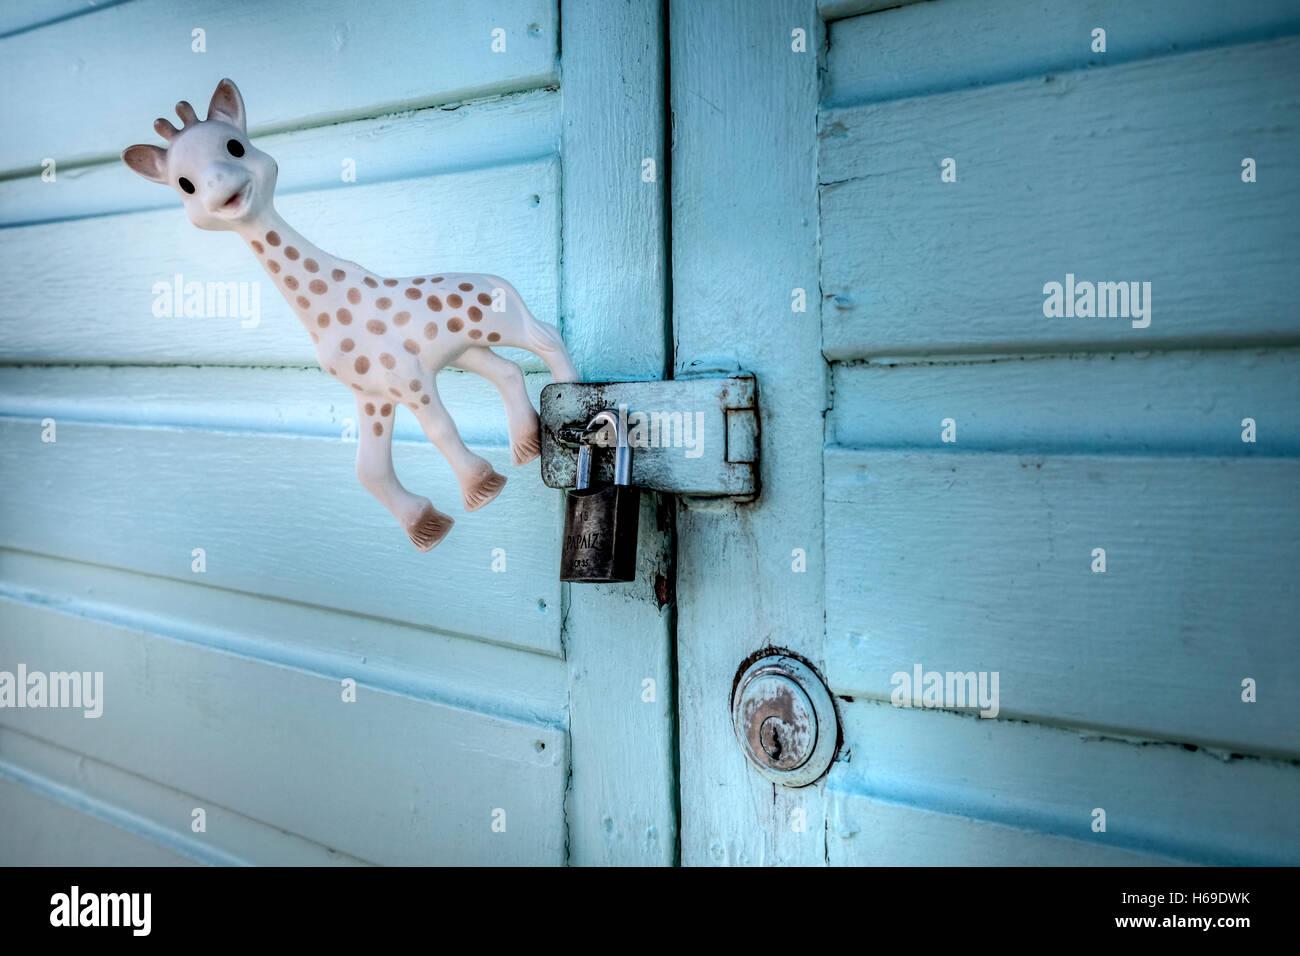 ein Spielzeug Giraffe hängt an einem Pad verschlossene Tür Stockbild